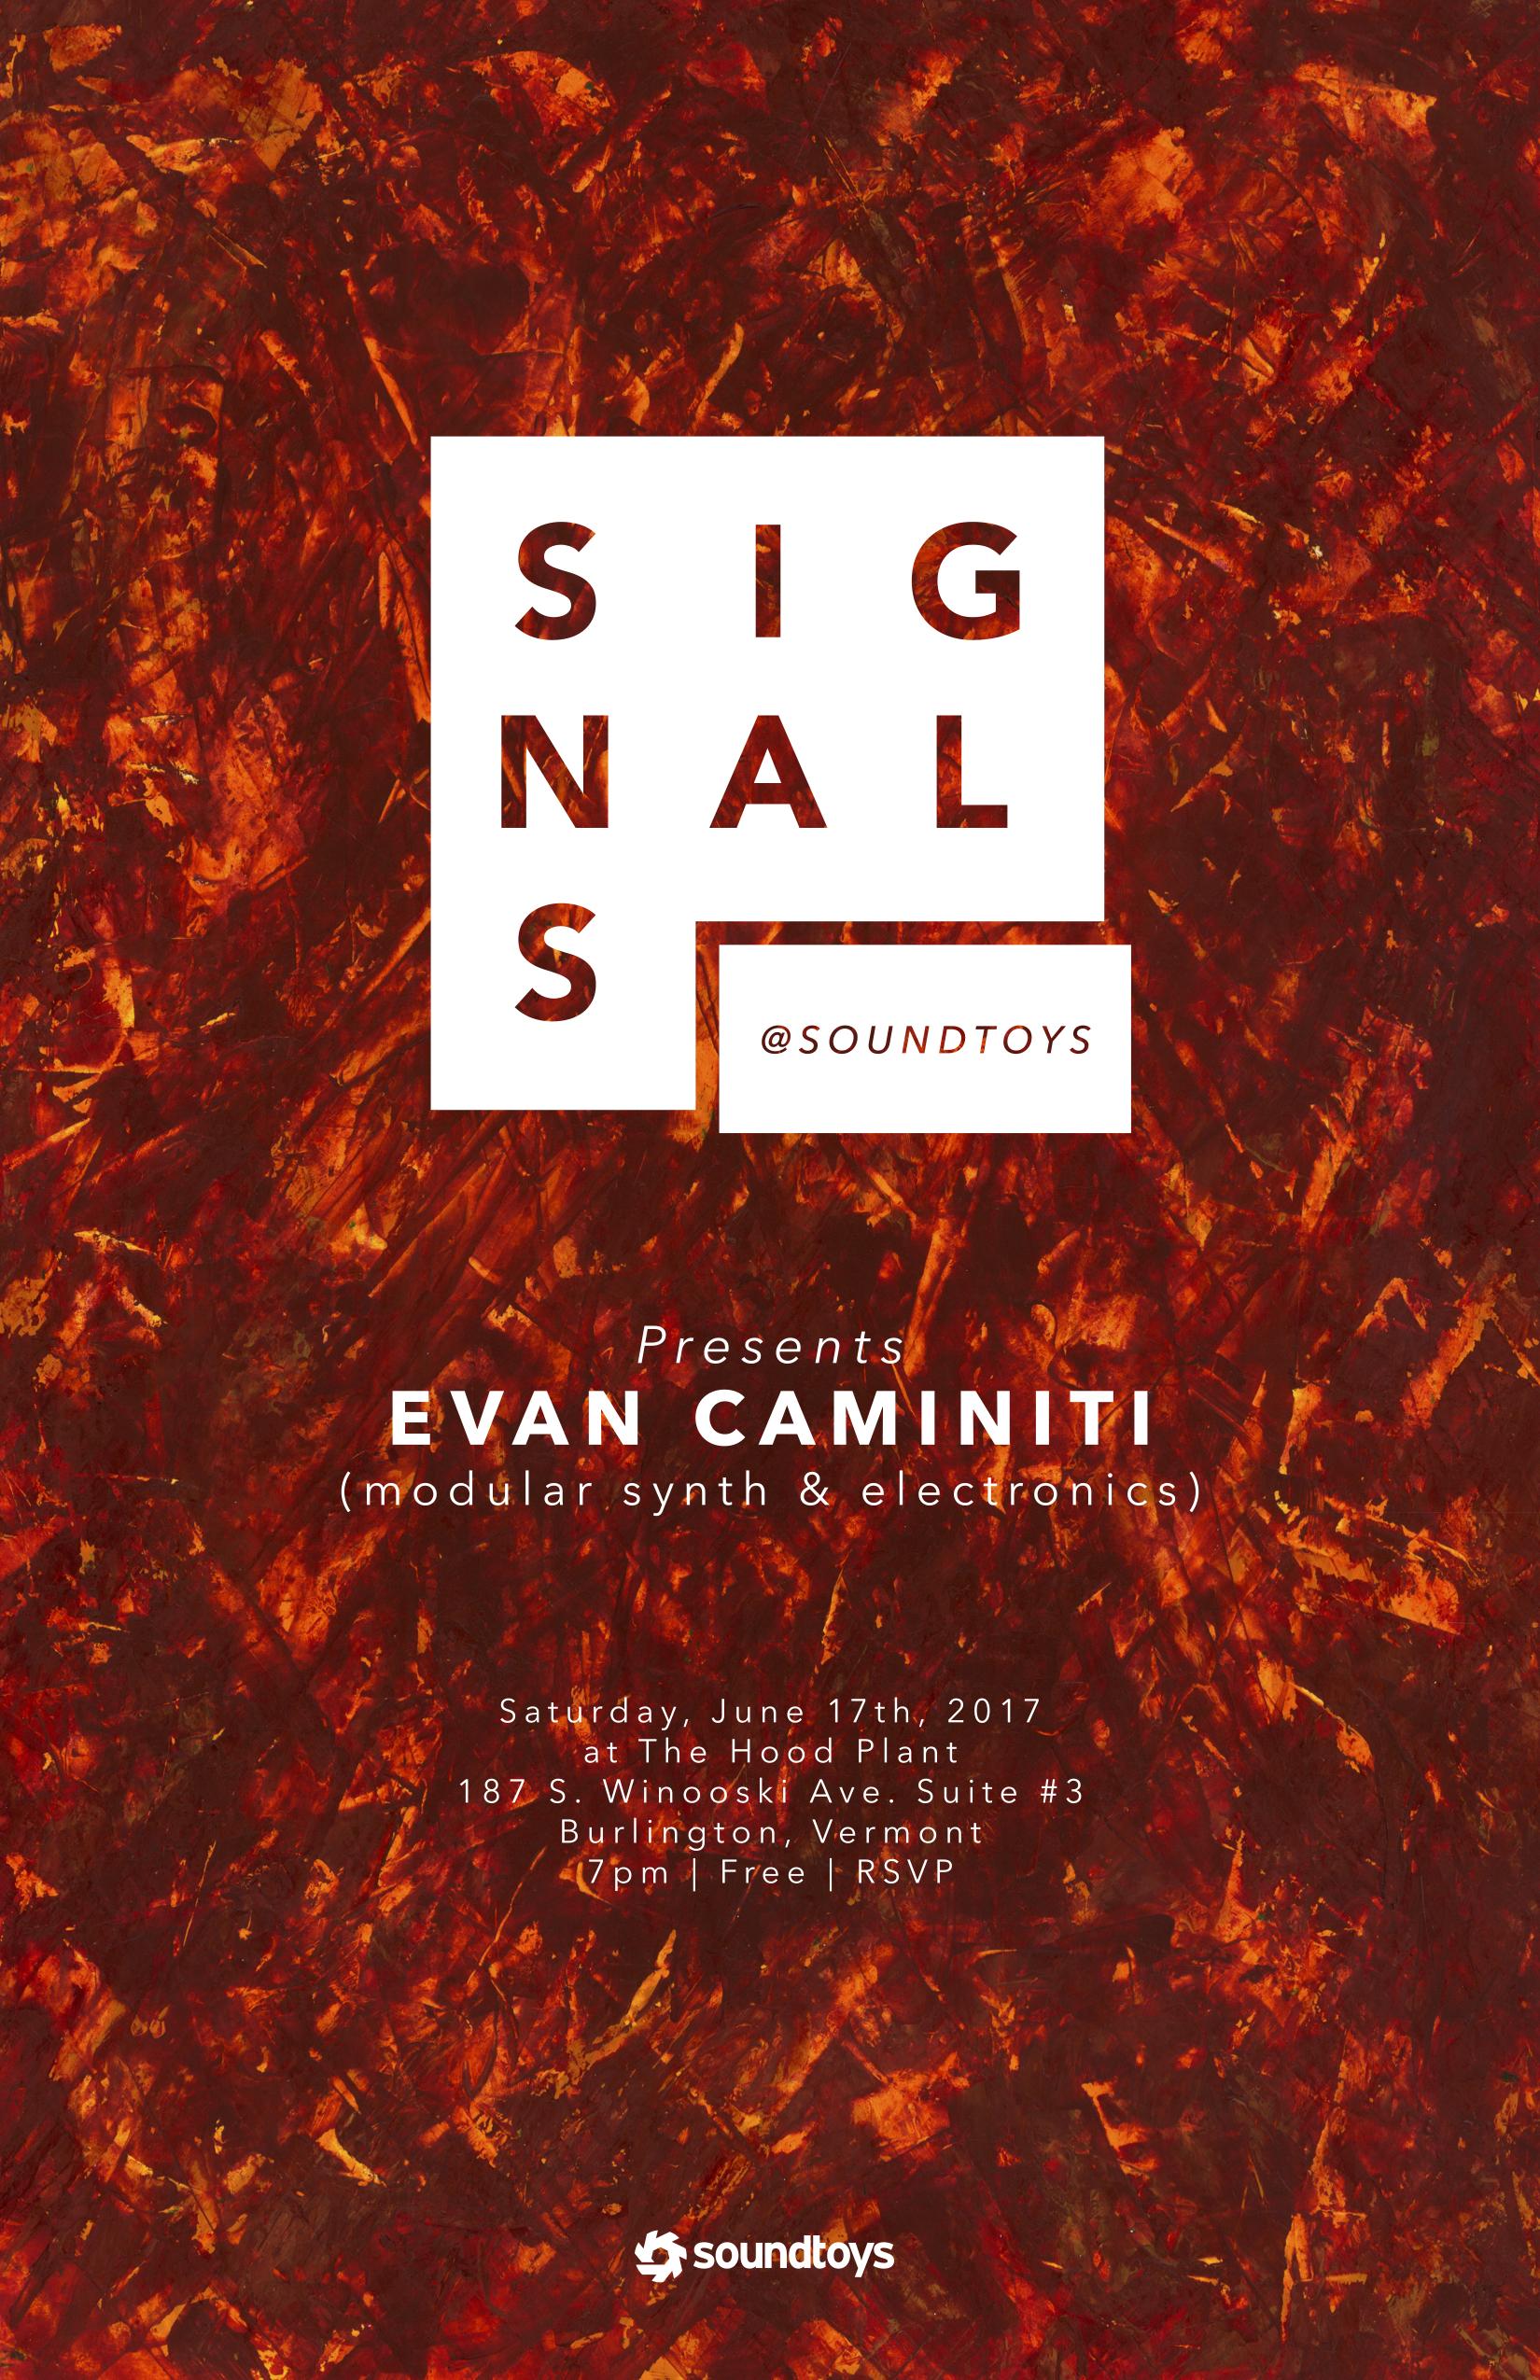 signals: evan caminiti